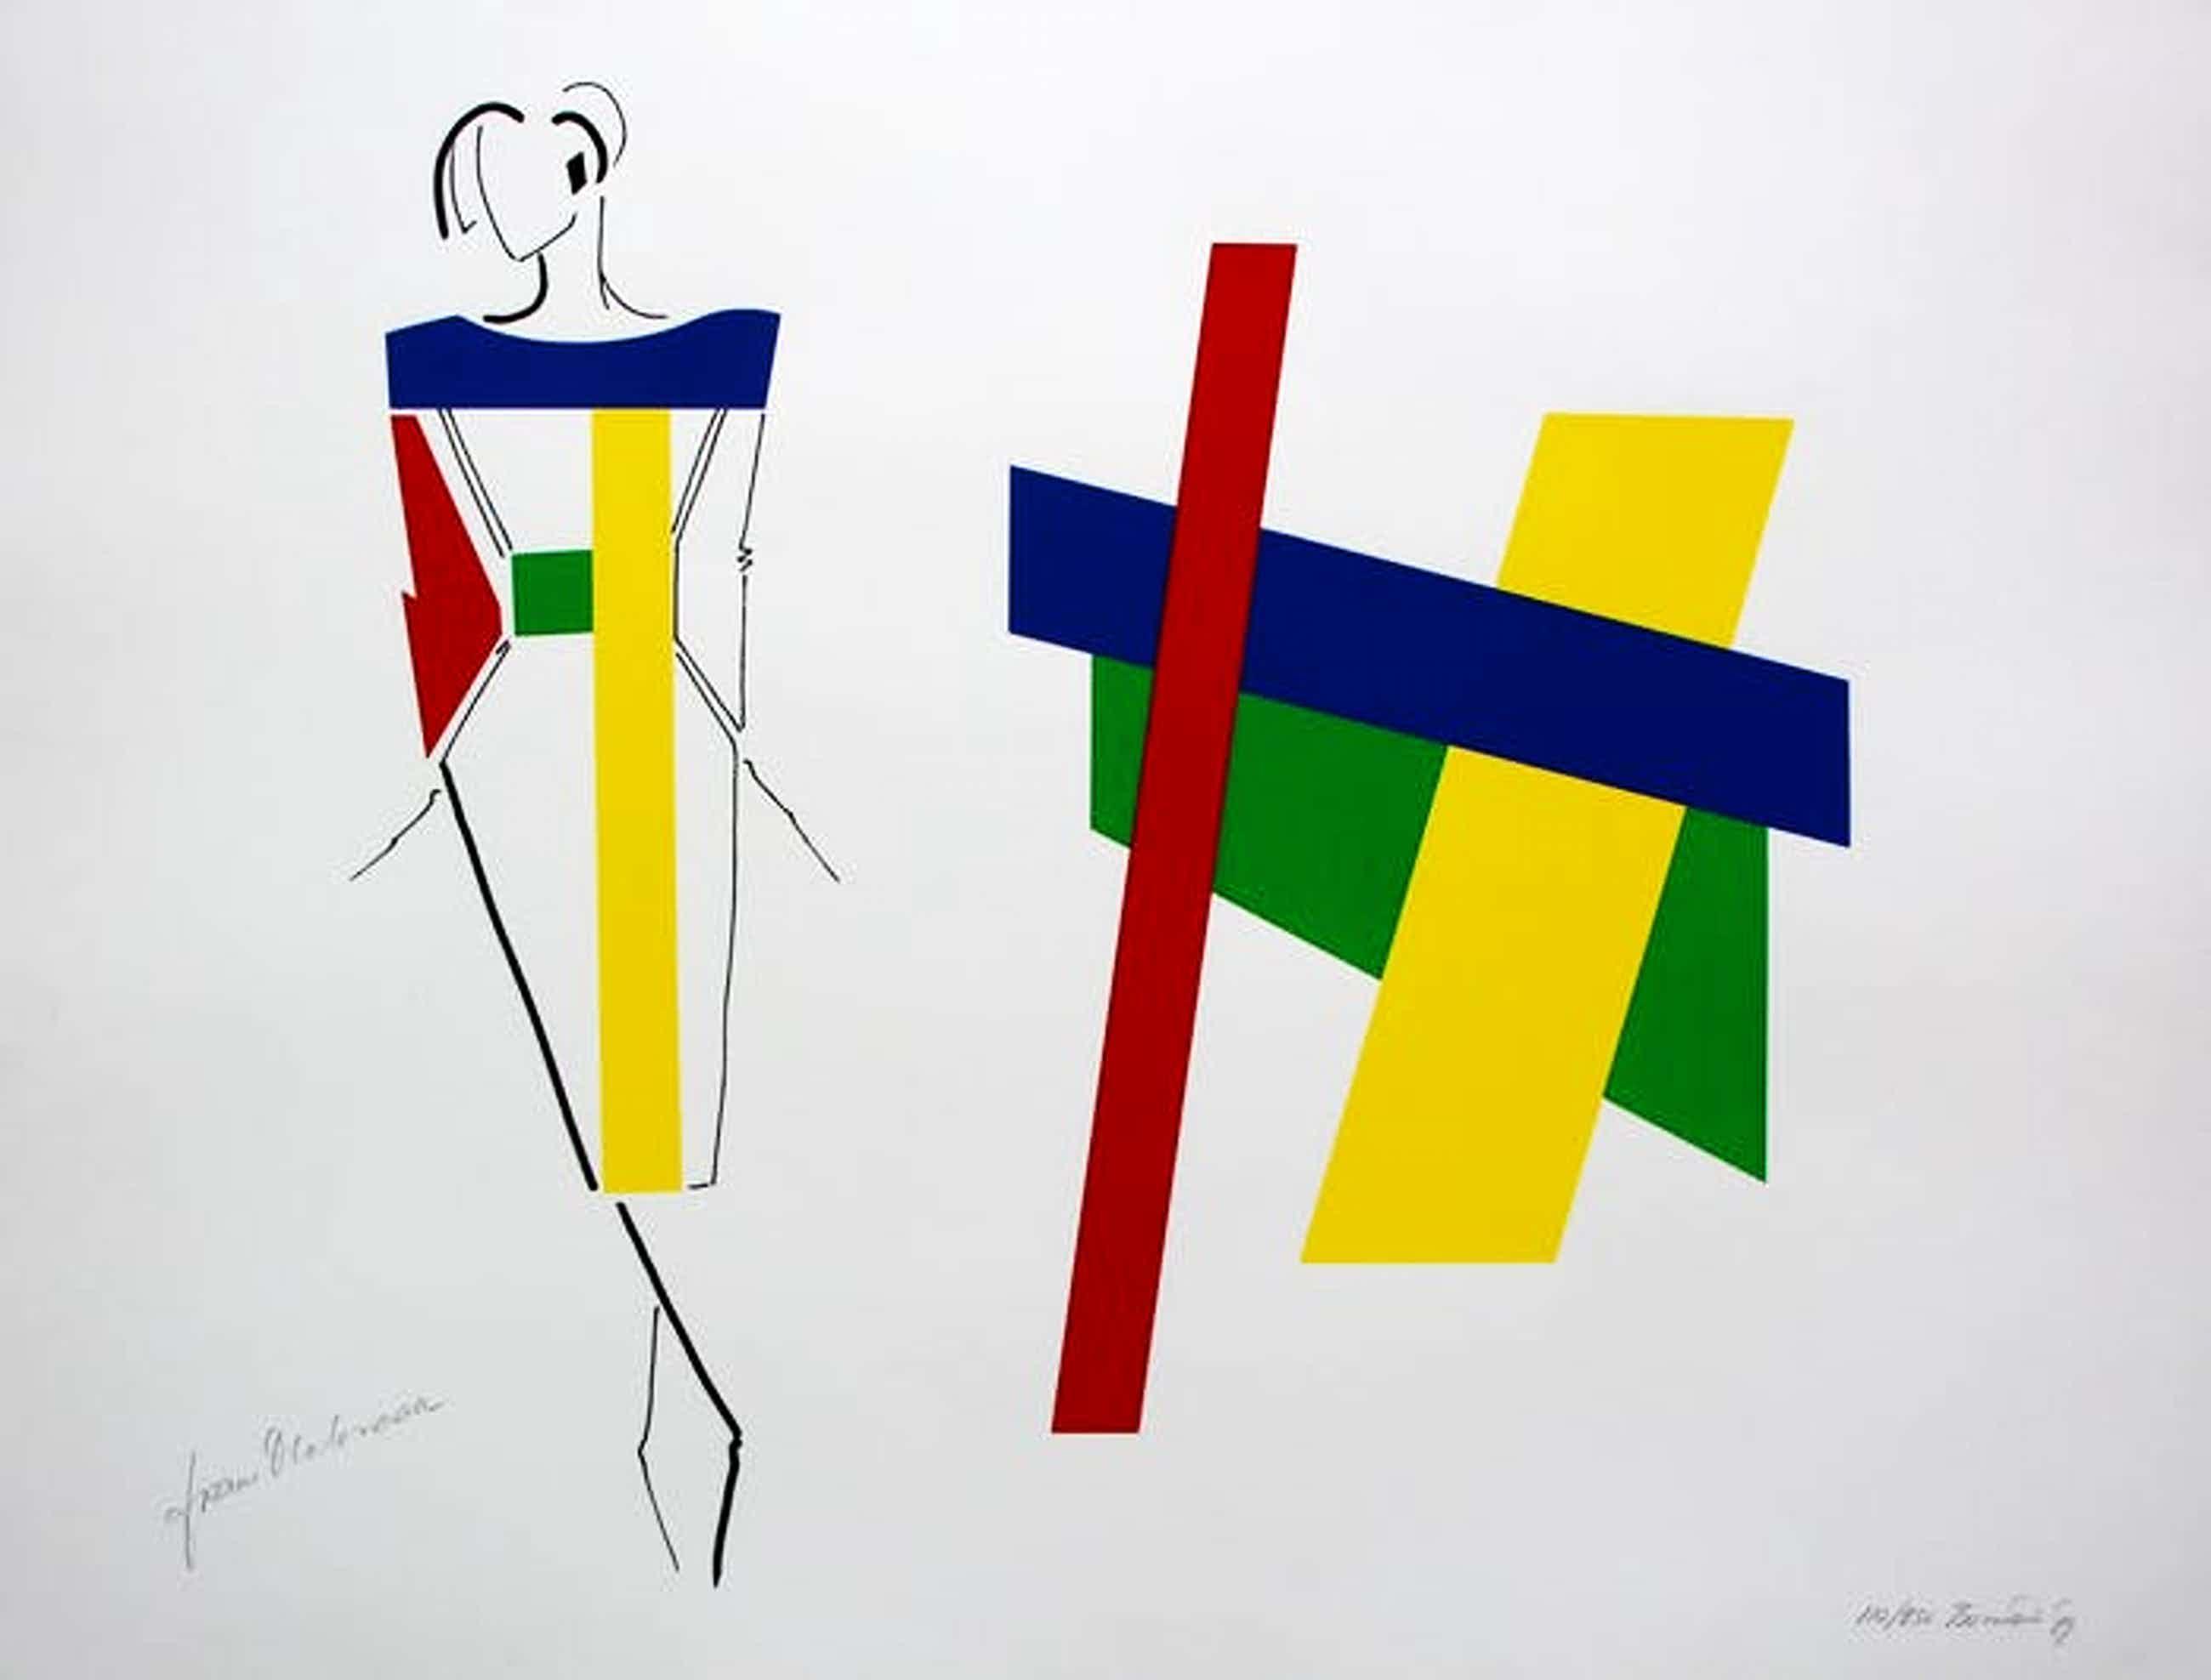 Bob Bonies - & Frans Molenaar: Abstracte compositie - Modeontwerp handgesigneerd 1989 kopen? Bied vanaf 100!